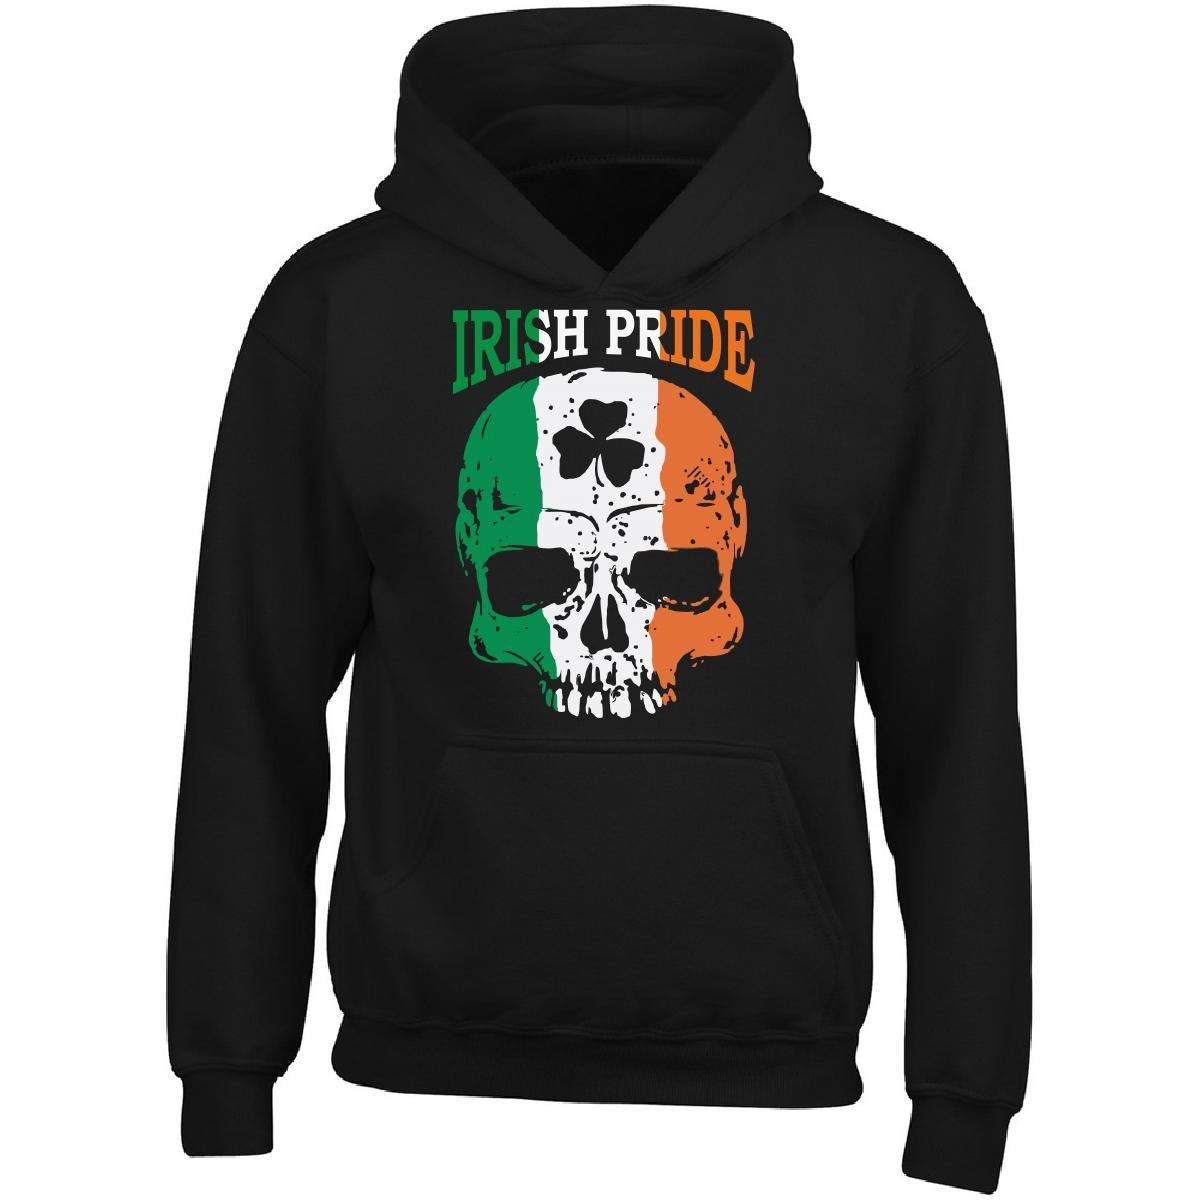 Attireout Irish Pride Proud Adult Shirts